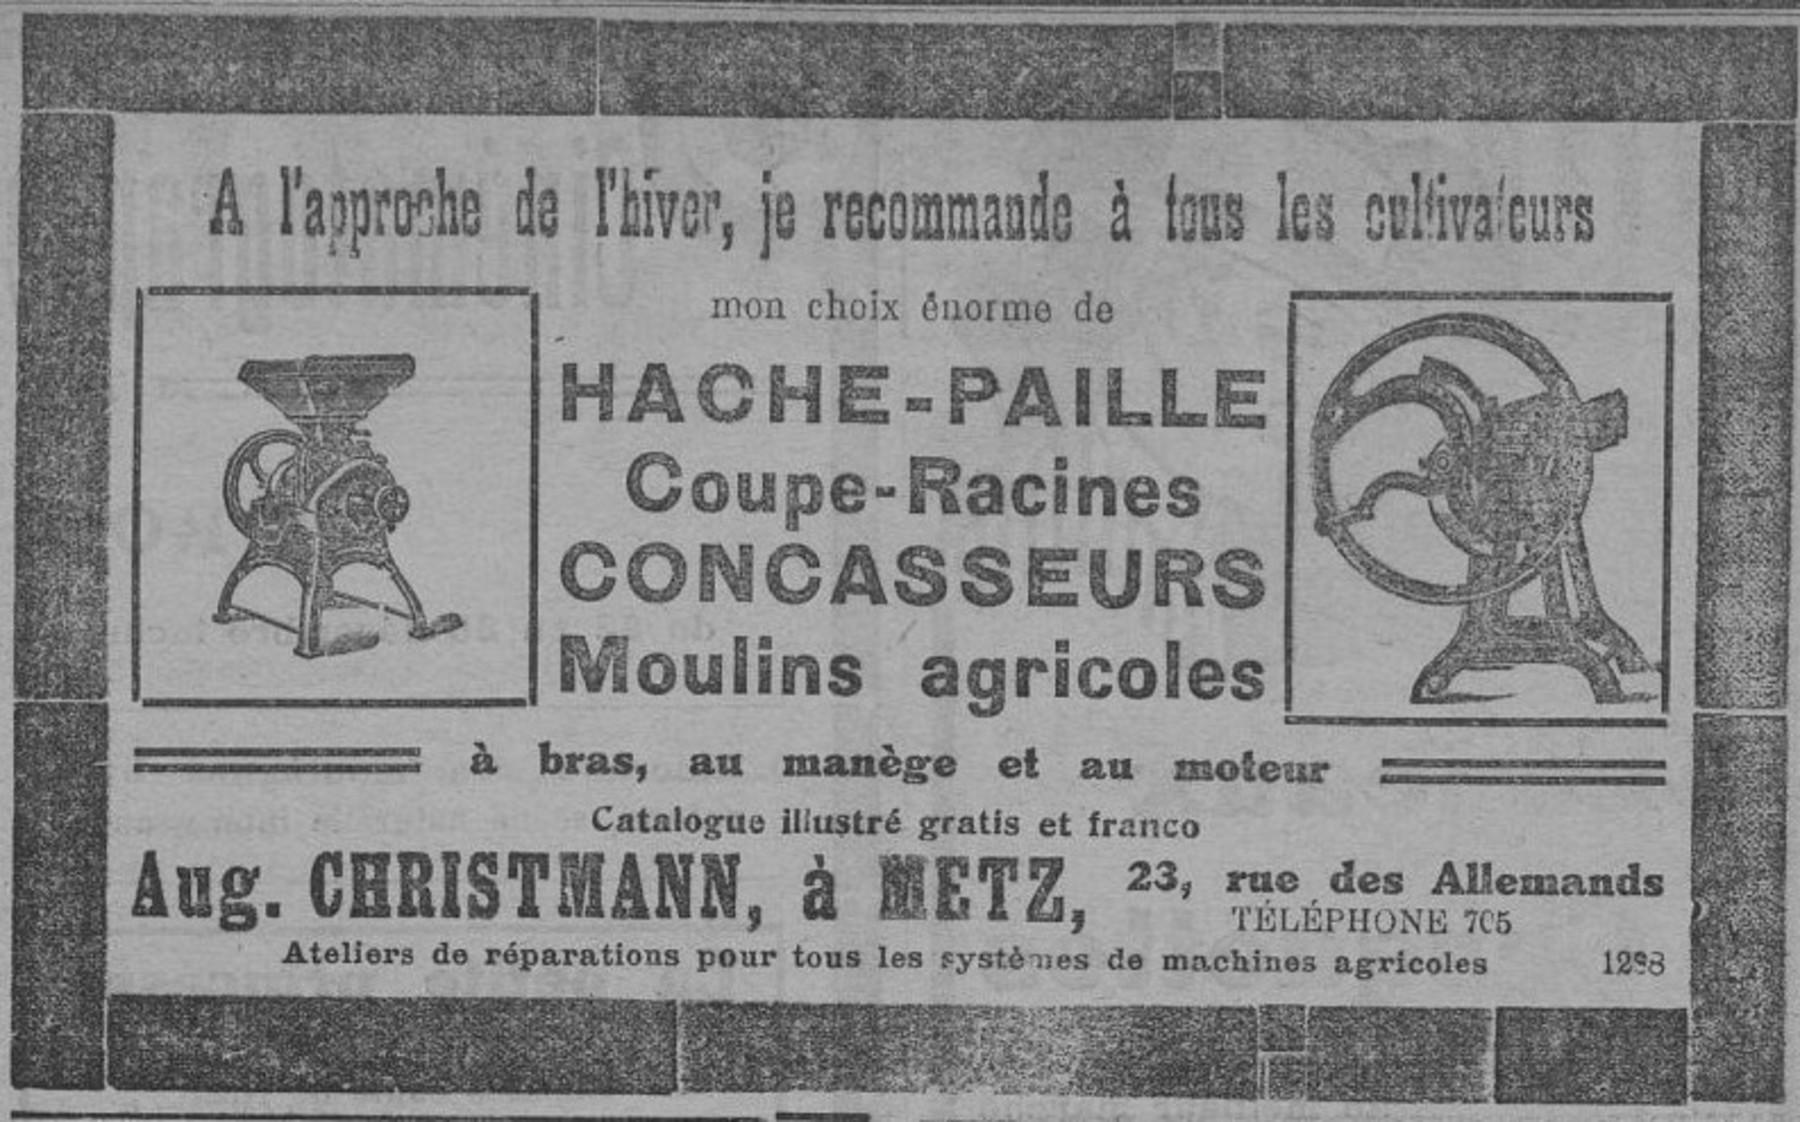 Contenu du Hache-Paille, Coupe-racines, concasseurs, moulins agricoles